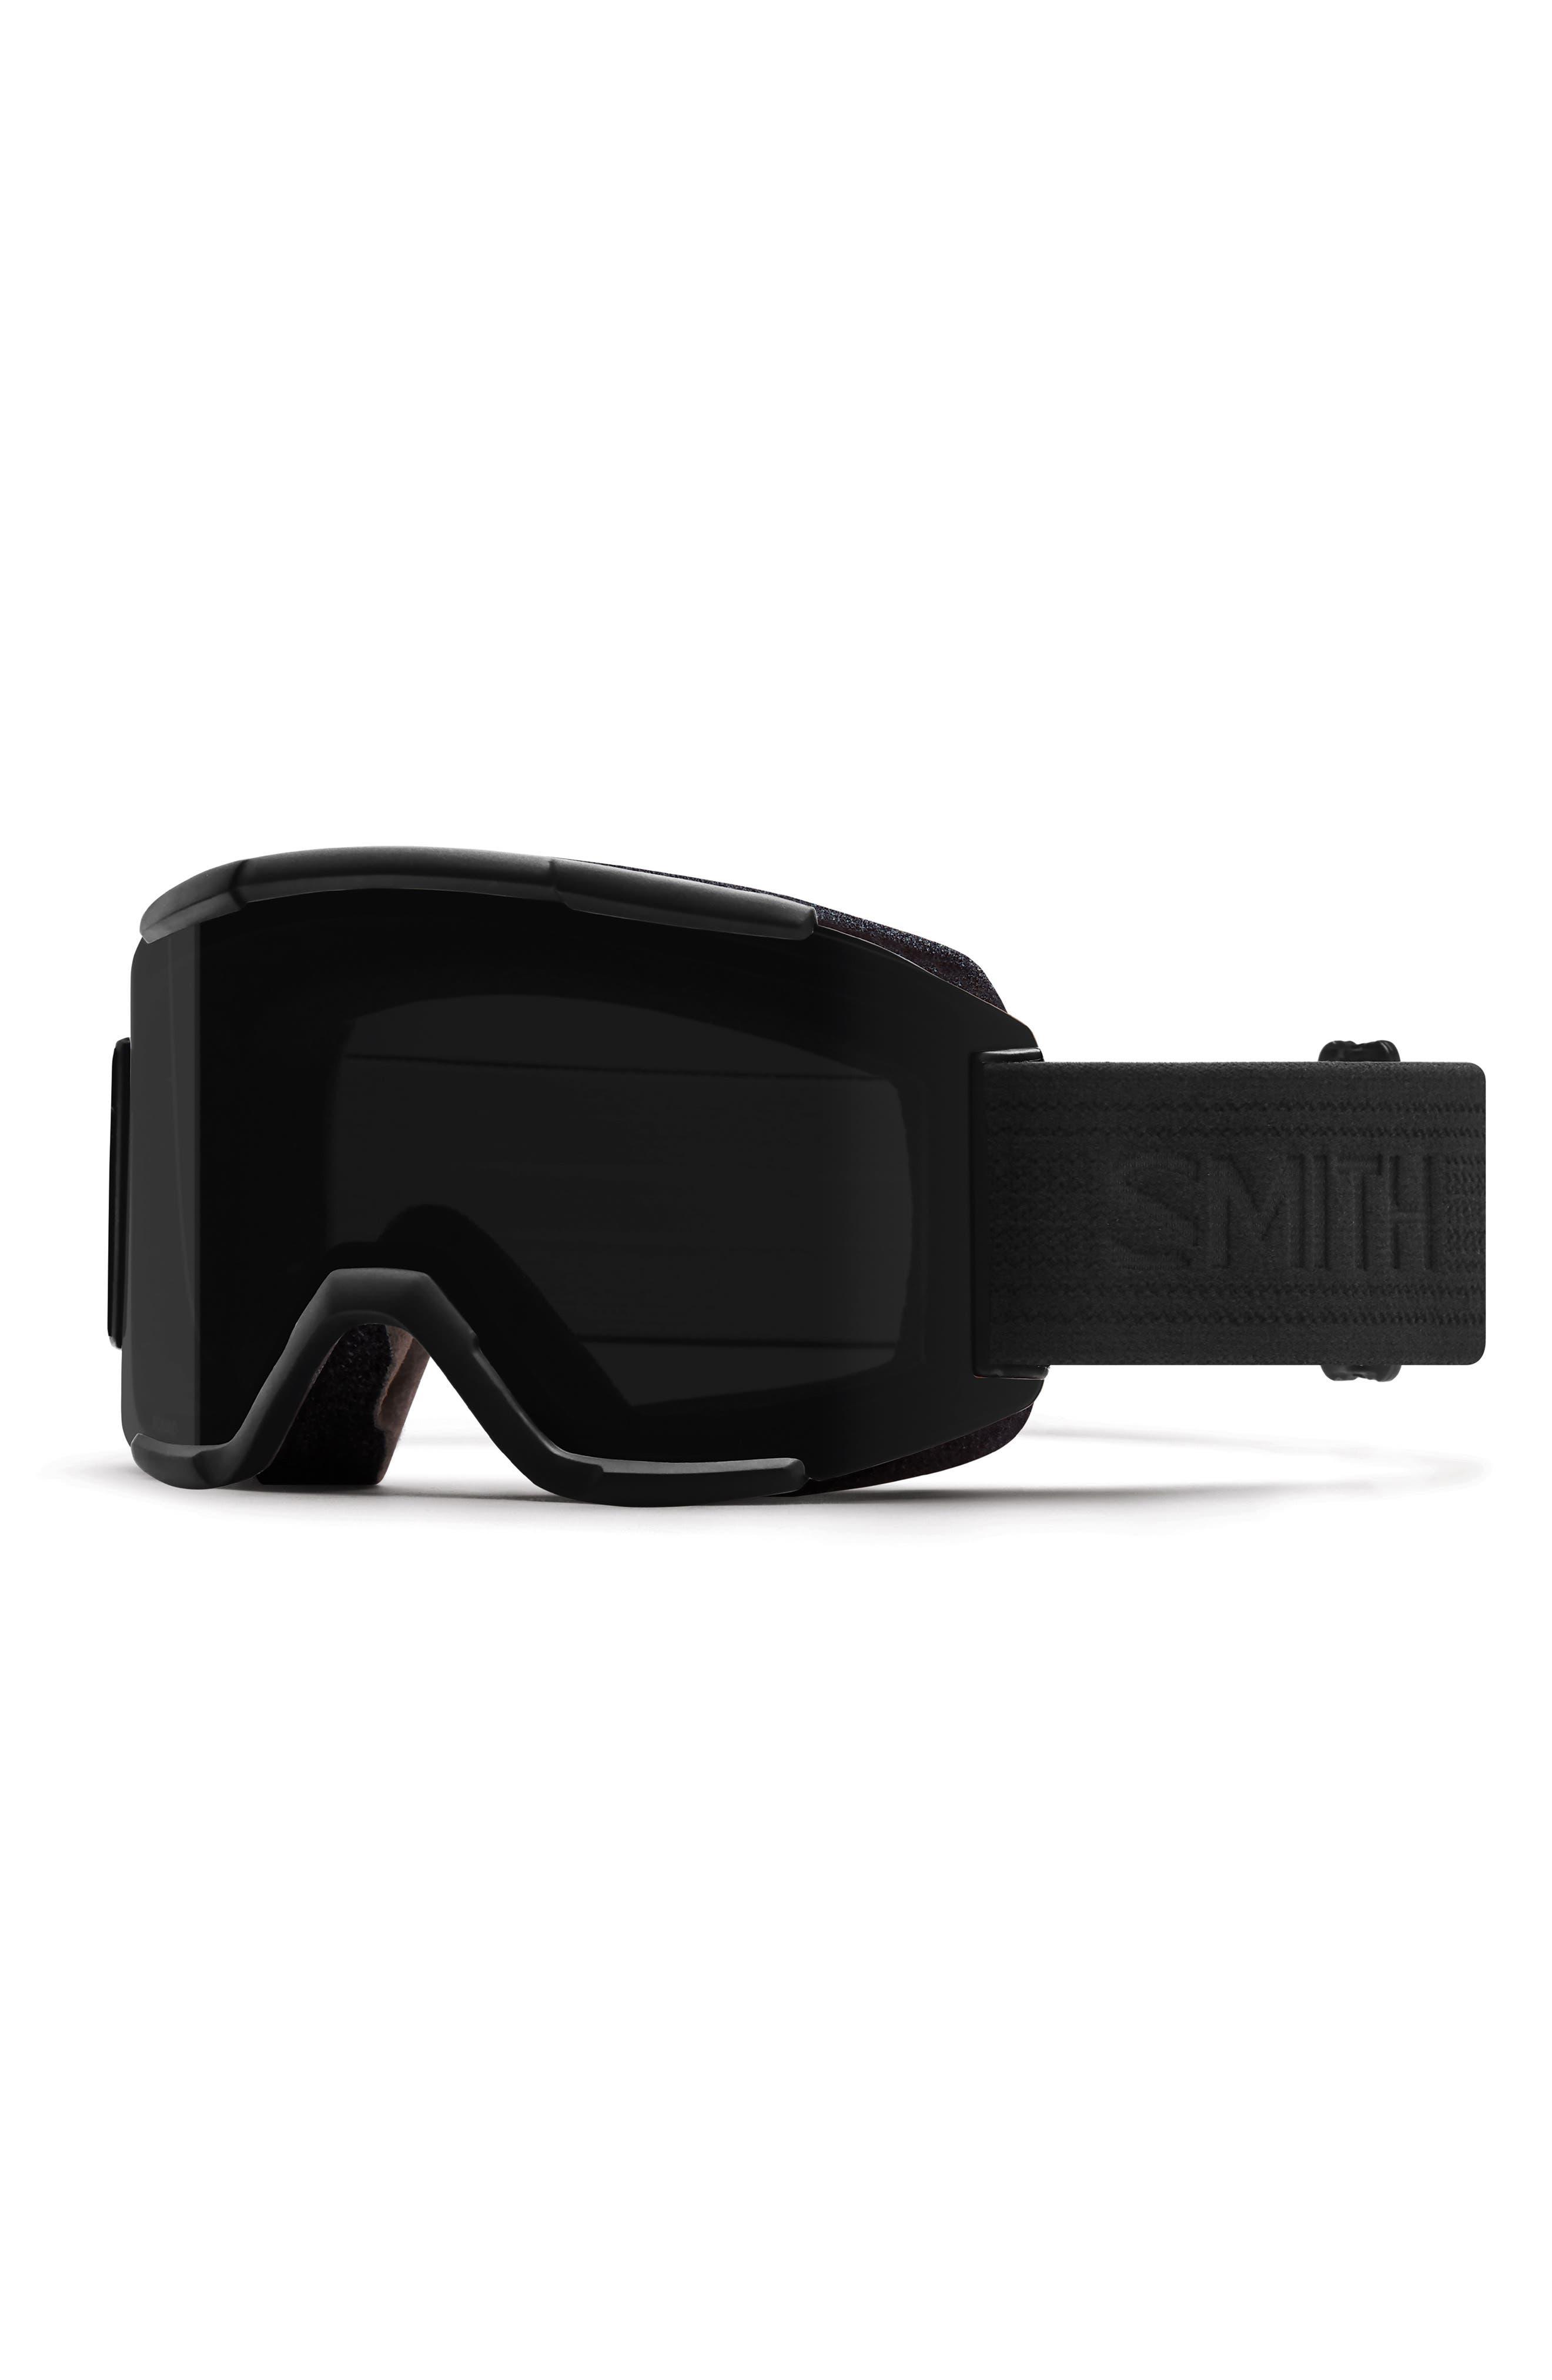 Squad Chromapop 180mm Snow Goggles,                         Main,                         color, Blackout